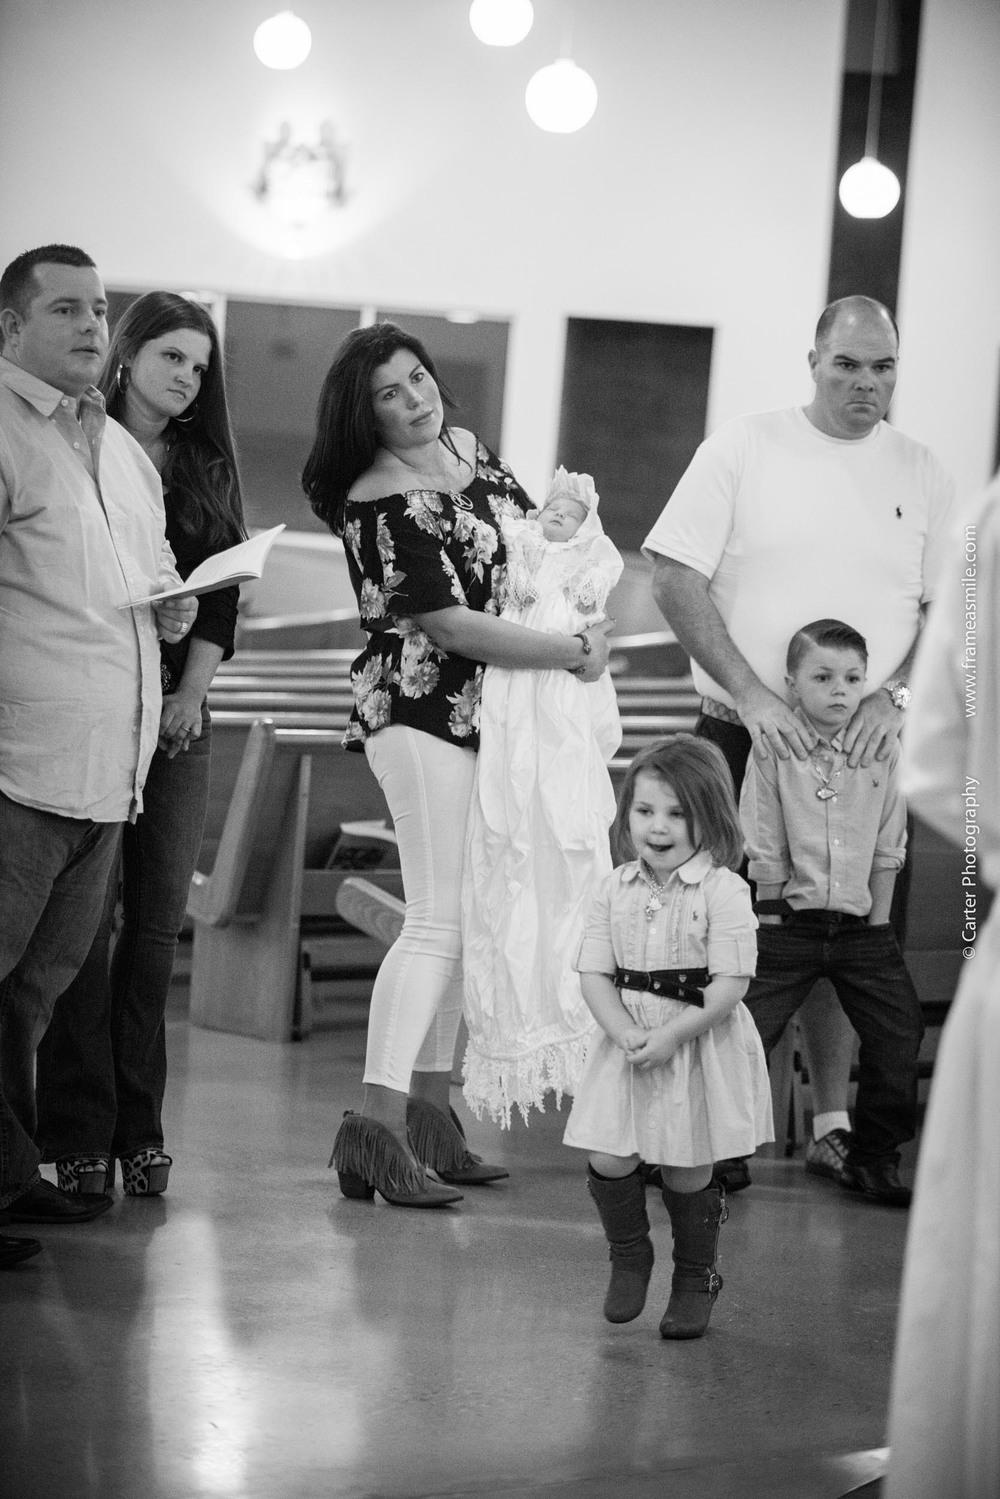 CarterPhotogreekorthadoxbaptism--75.jpg